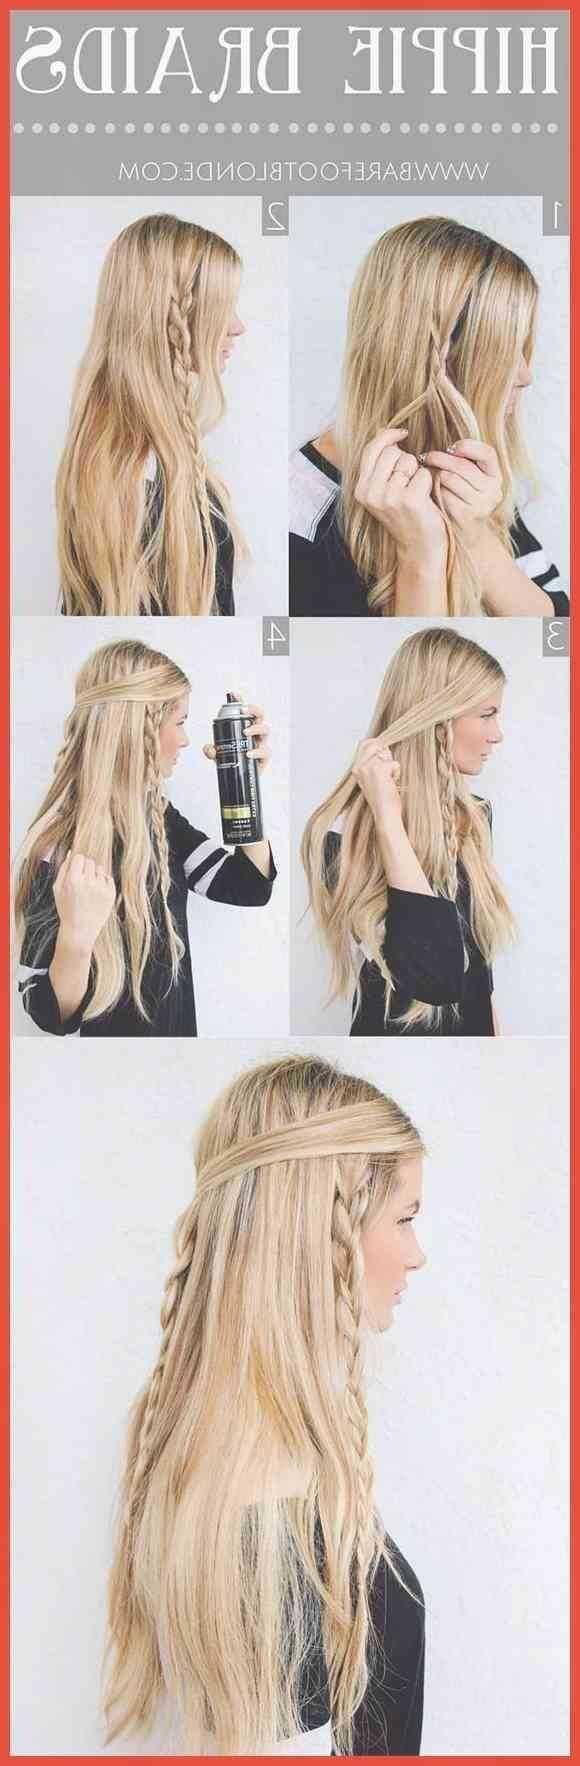 33 acconciature da festival con trecce fresche Hair Style    co